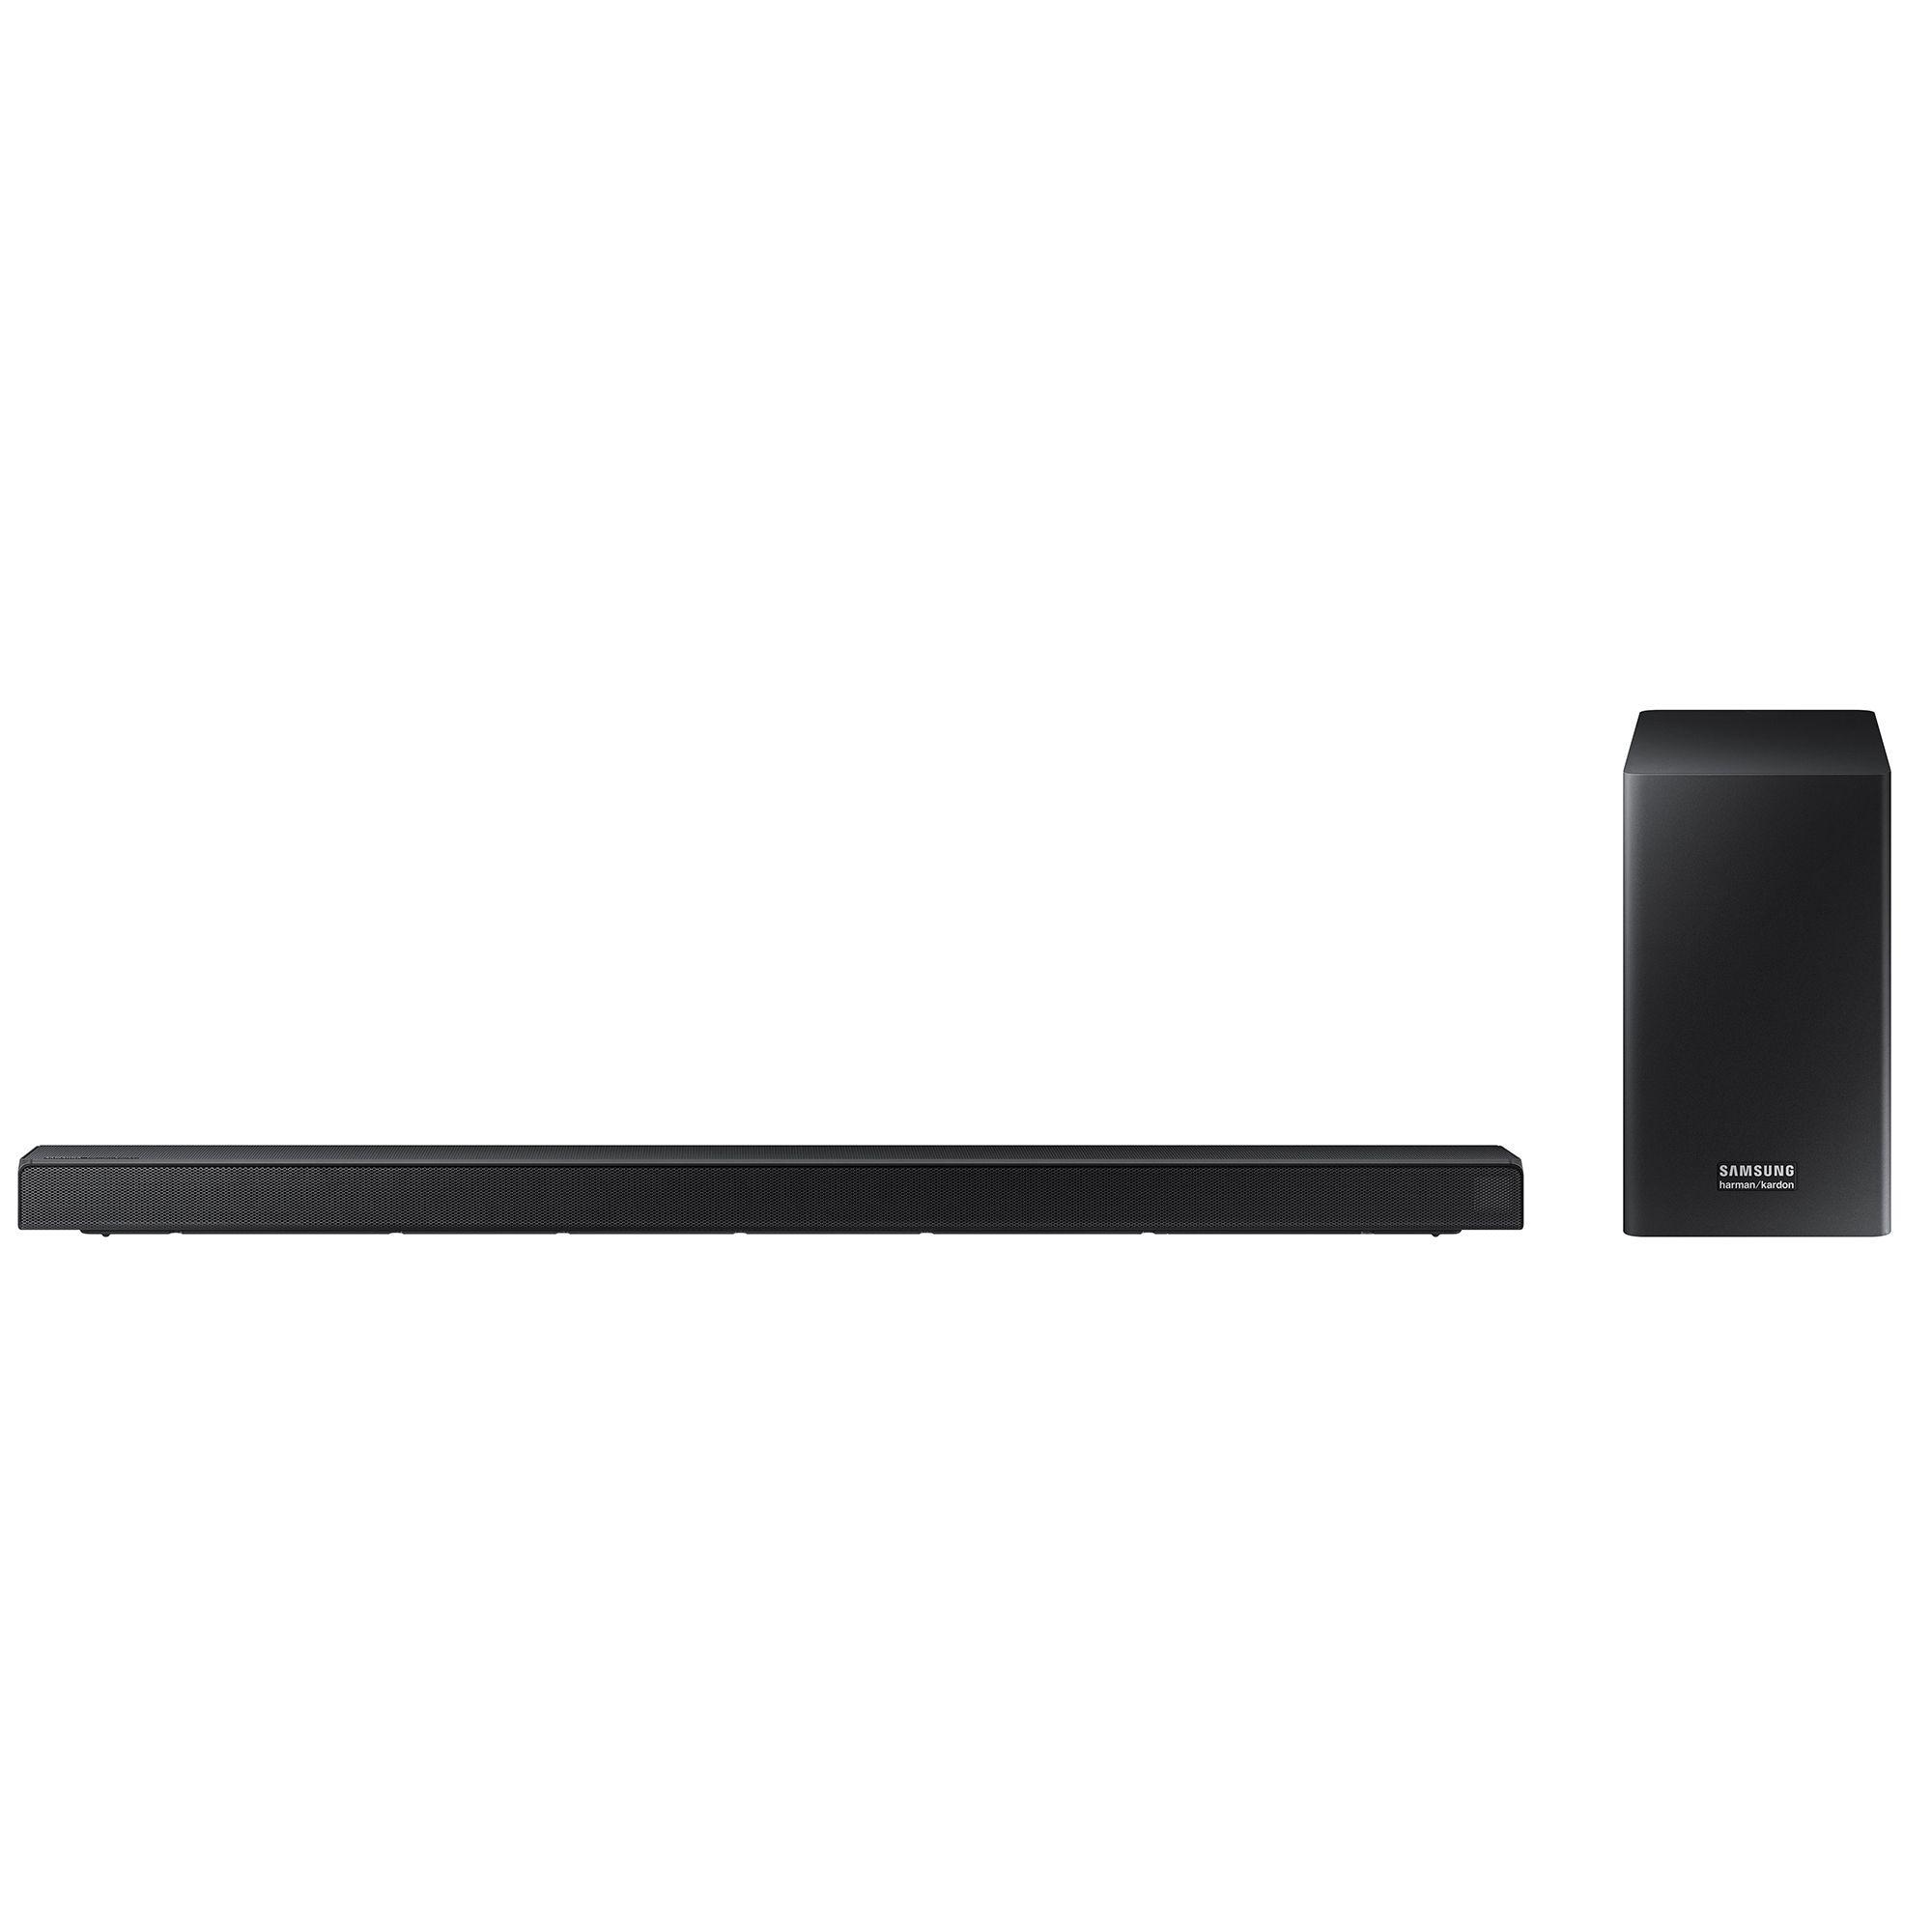 Fotografie Soundbar Samsung Harman Kardon HW-Q60R, 5.1, 360W, Wireless, Dolby, DTS, Negru